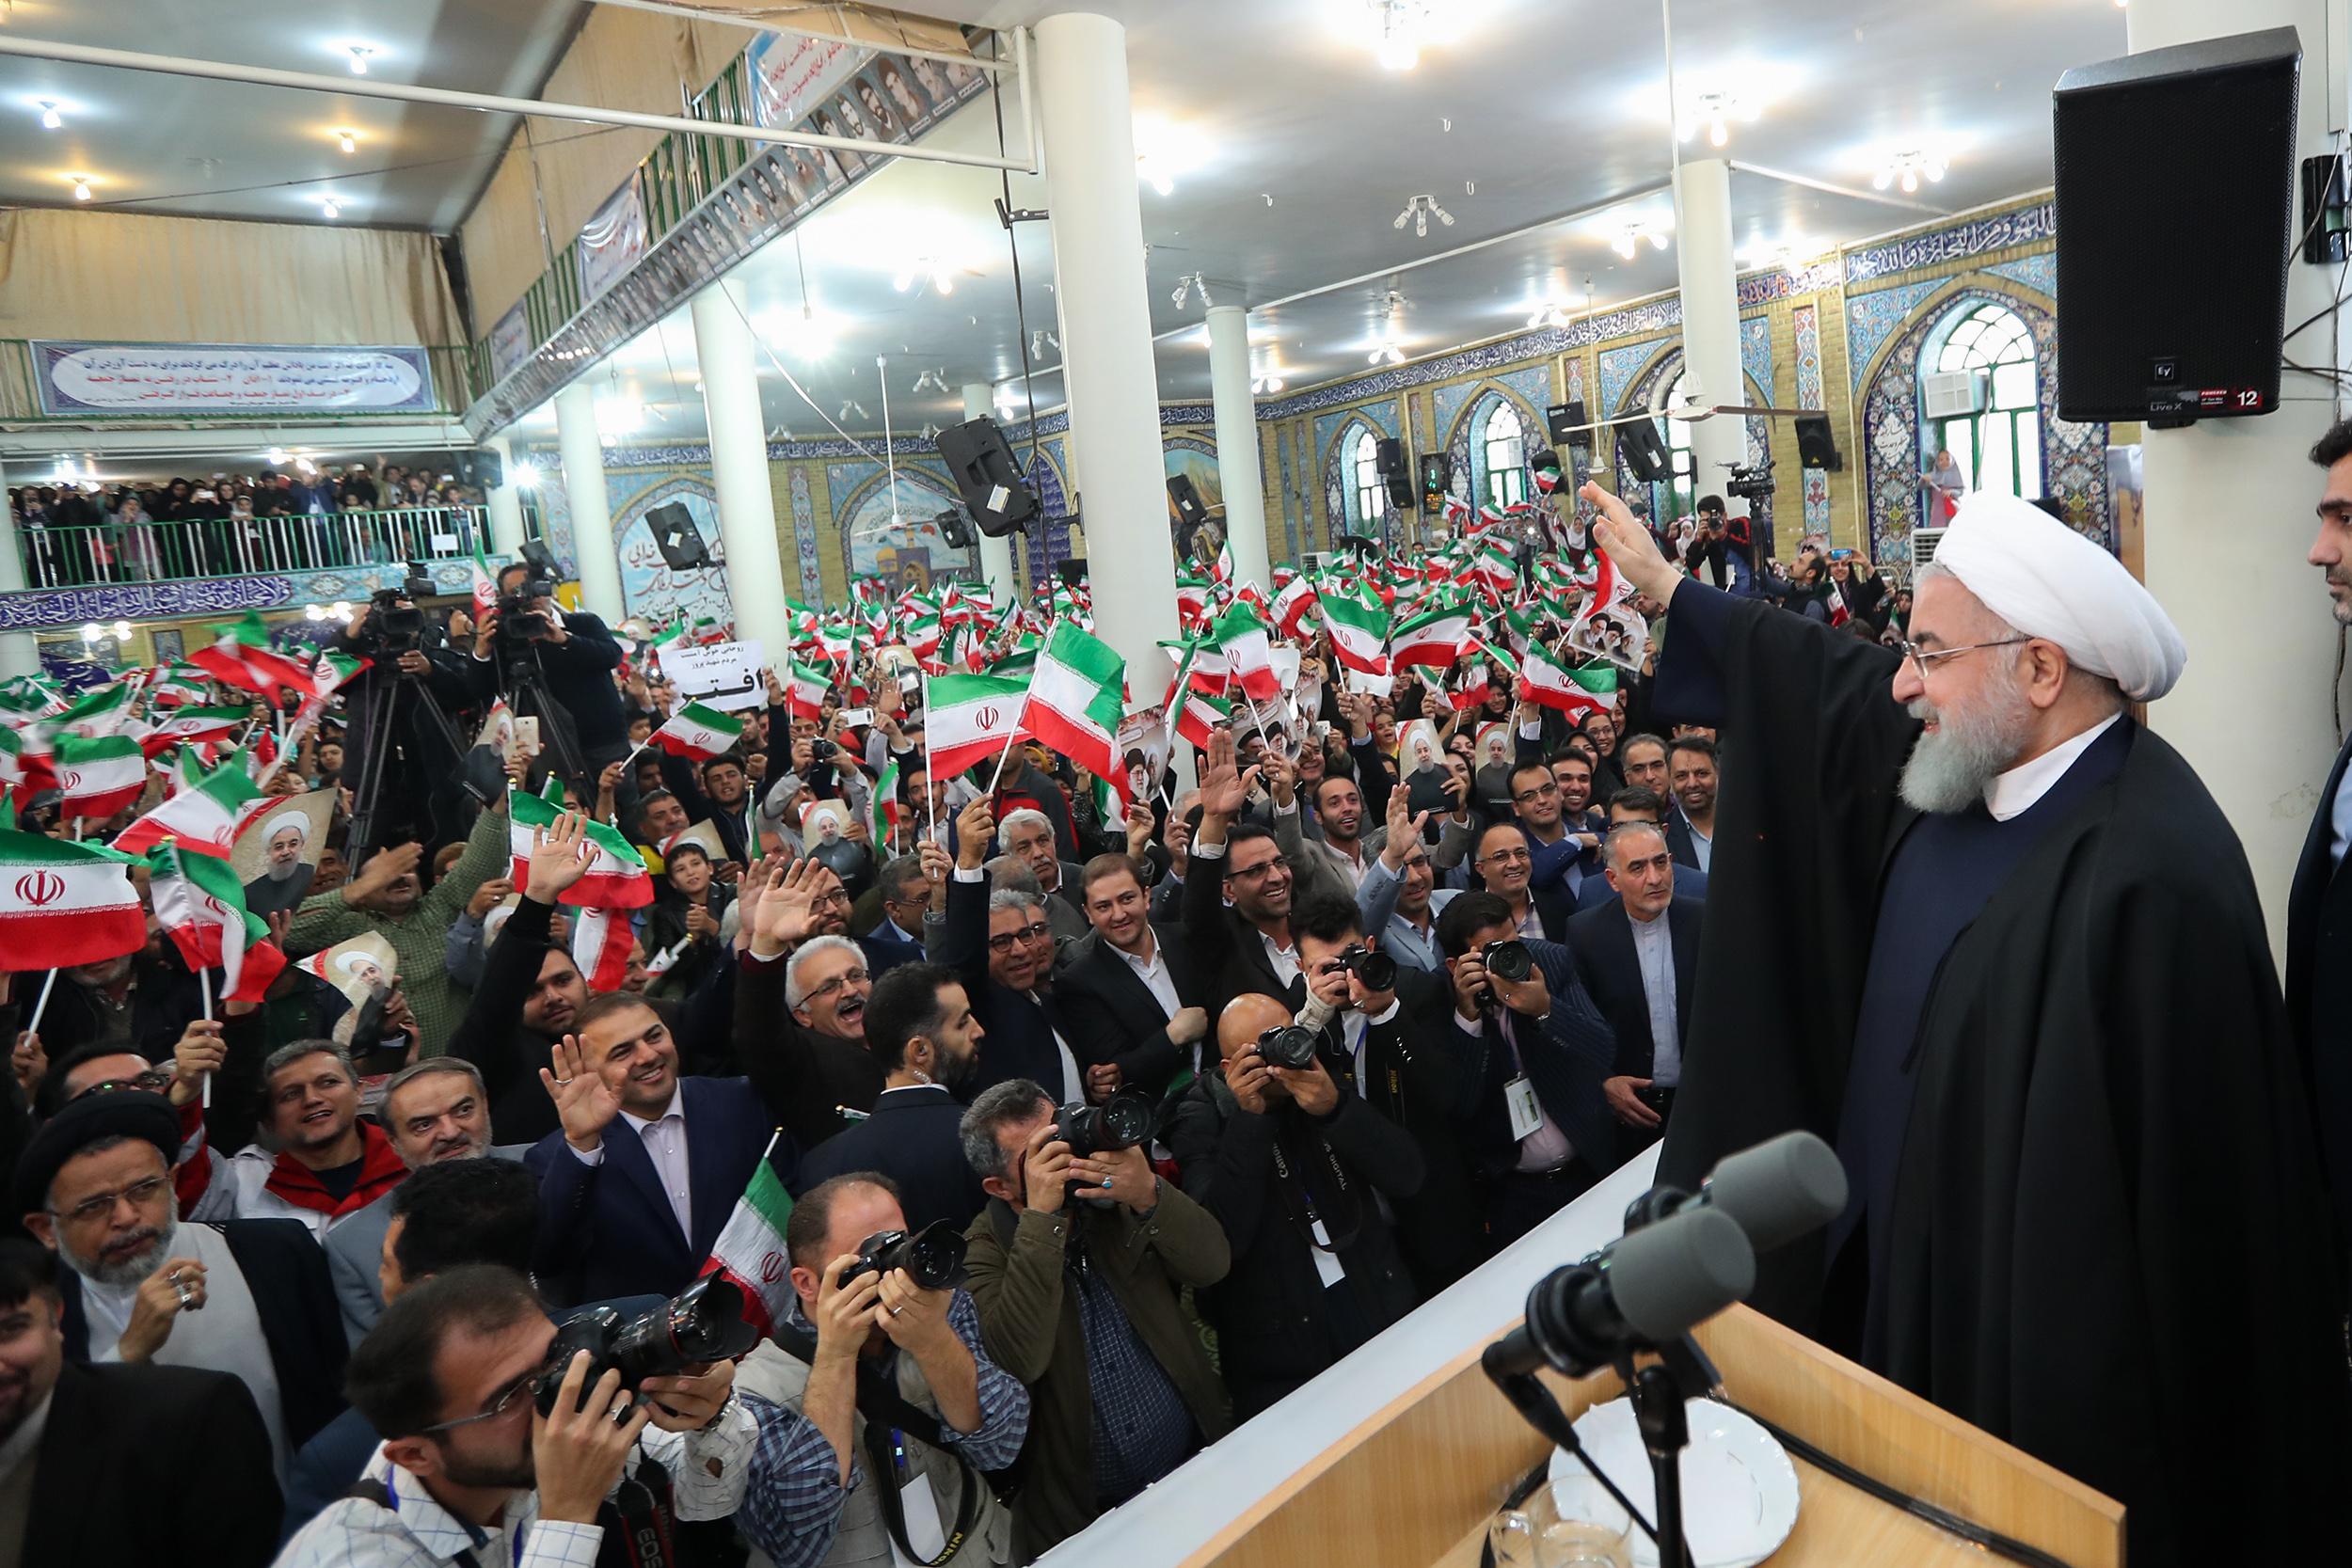 روحانی در جمع پرشور مردم در حسینیه شهدای سرخ+عبارت